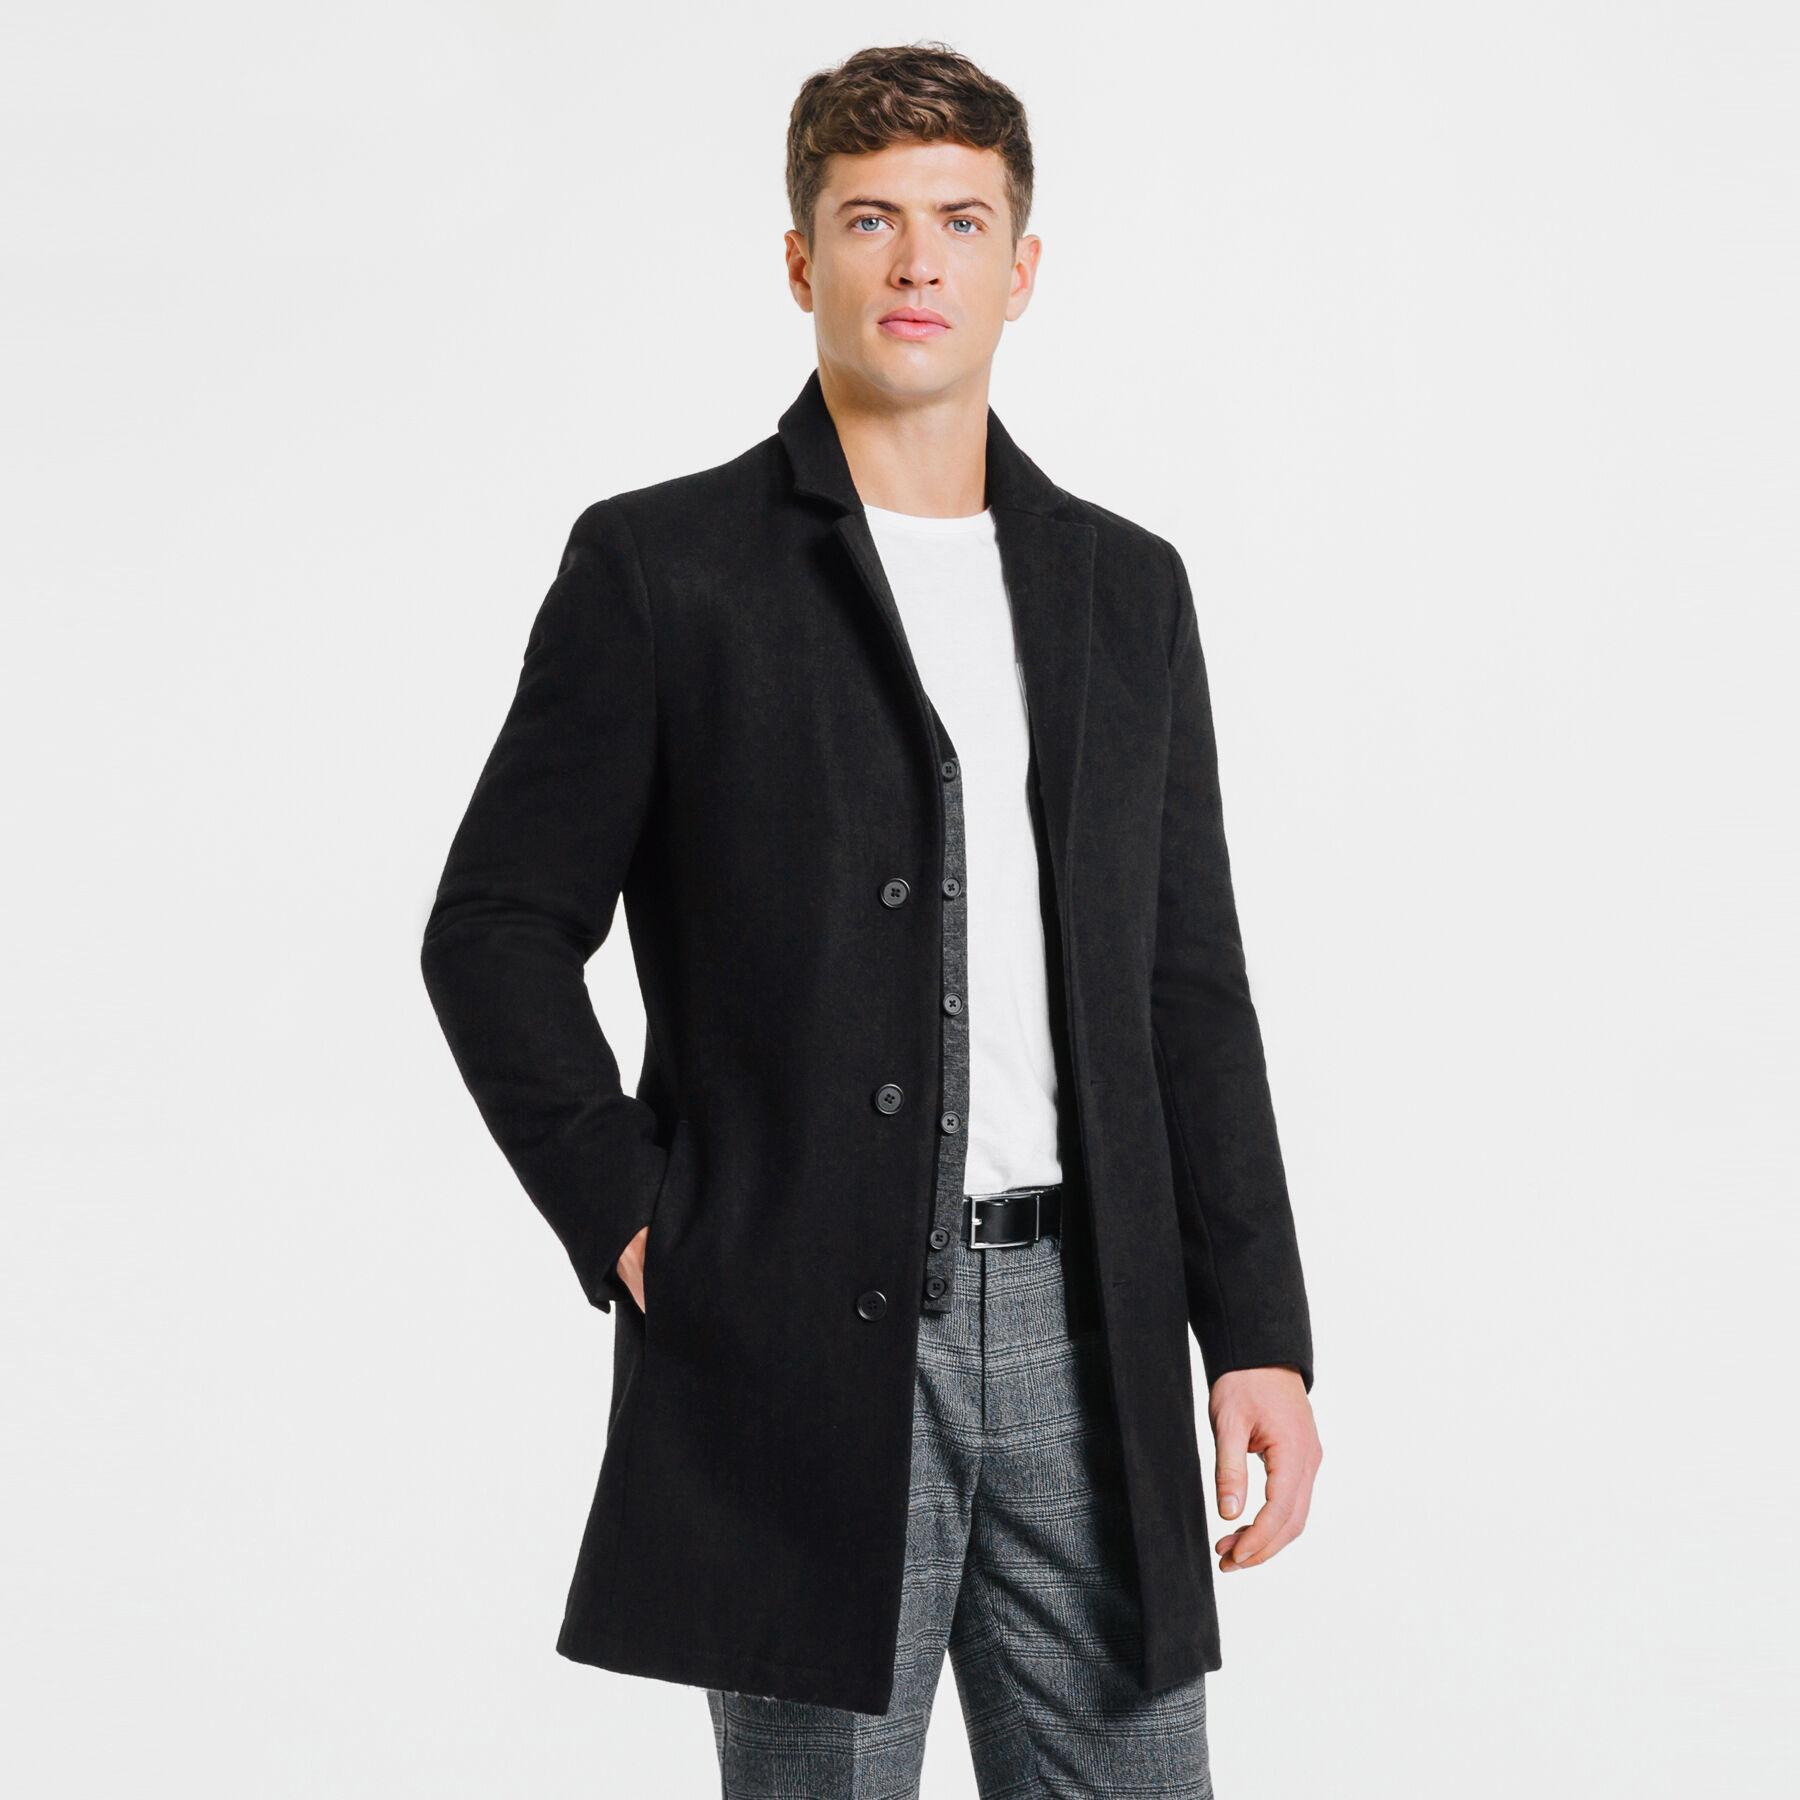 manteau pardessus homme jules